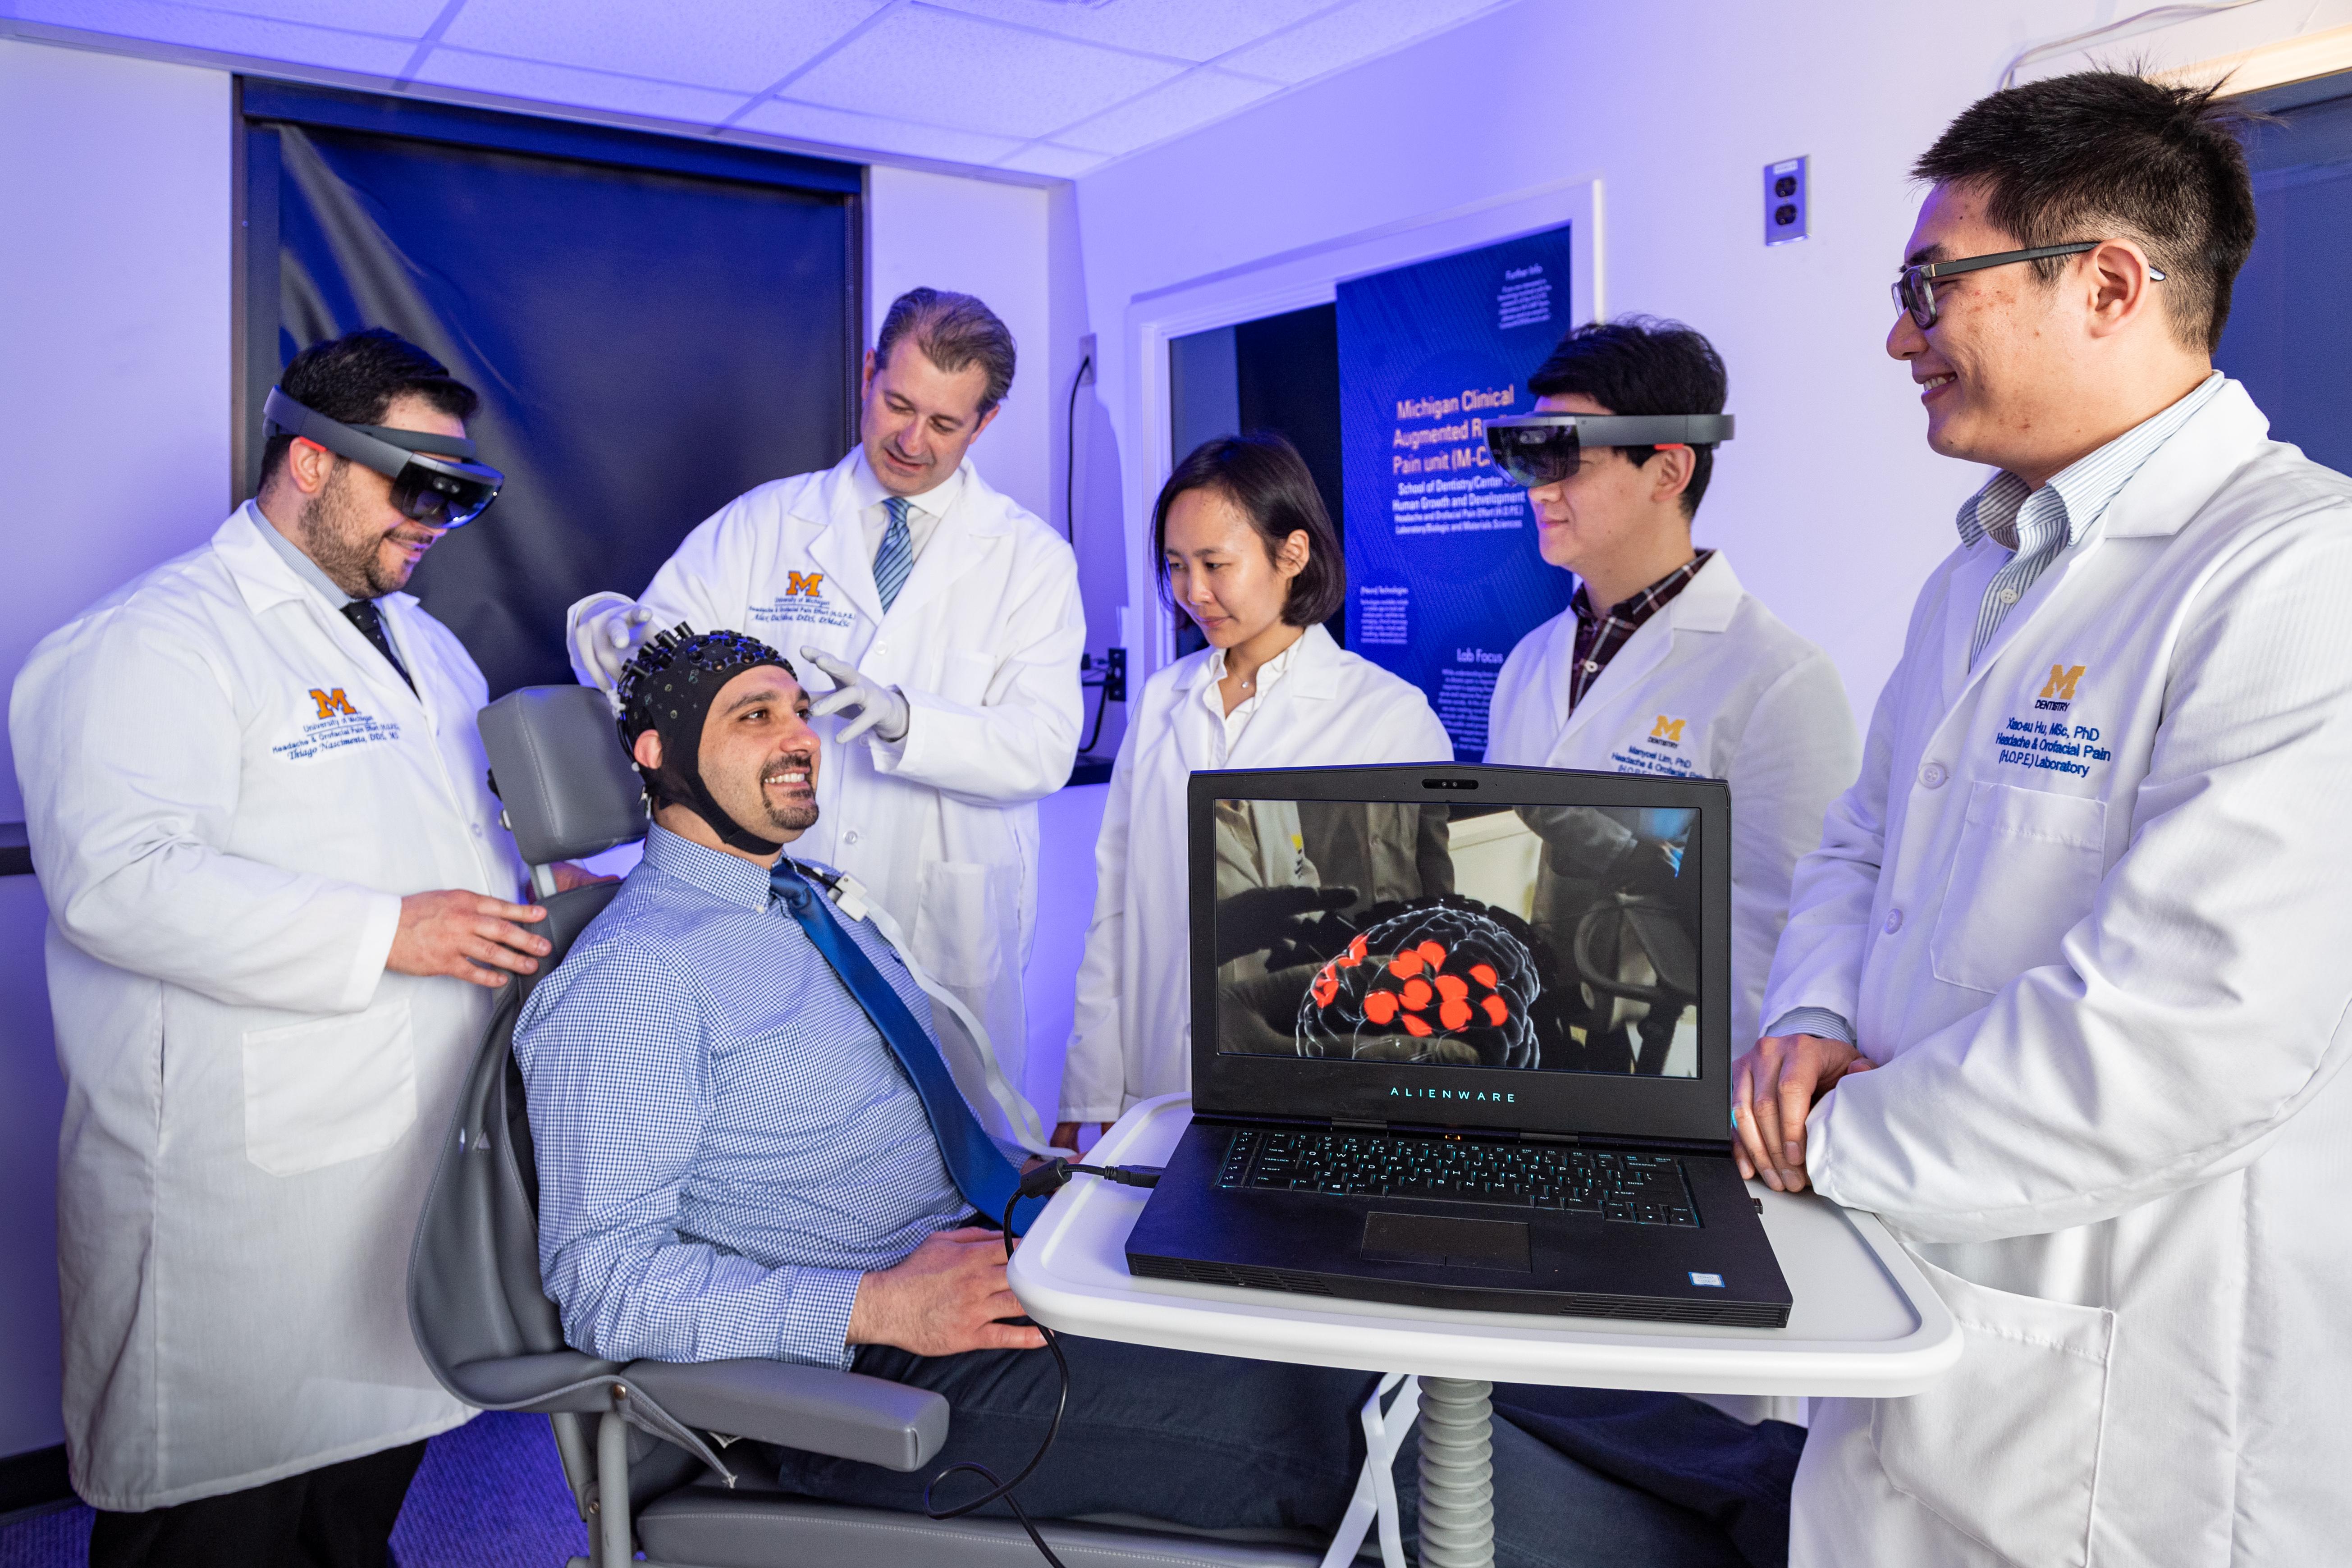 Hassan Jassar (sentado) usa o capacete com sensor, que detecta mudanças no fluxo sanguíneo e na oxigenação, sentindo a atividade cerebral. Essa informação é transmitida para um computador e interpretada. O pesquisador brasileiro, Thiago Nascimento, à esquerda, vê essa atividade cerebral em tempo real enquanto usa óculos de realidade aumentada, e a imagem do computador mostra essa assinatura específica de dor no cérebro. Da esquerda para a direita, também retratados, Dr. Alex DaSilva, Kim Dajung, Manyoel Lim, Xiao-su Hu.